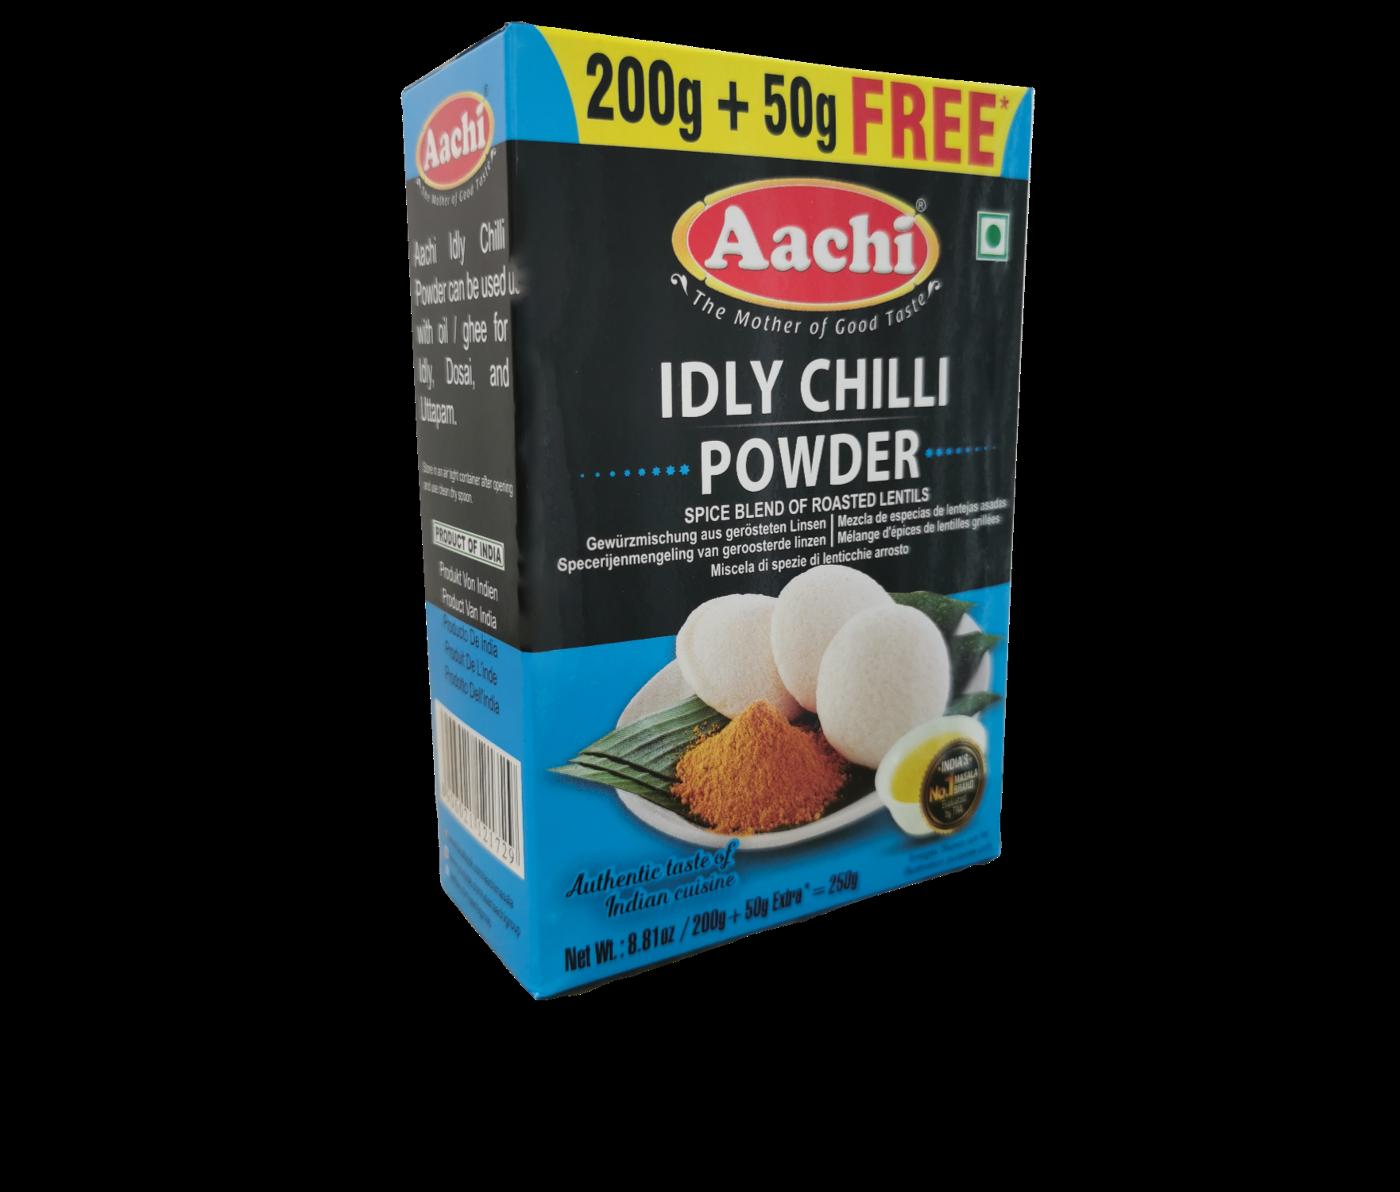 Aachi Idly Chilli Powder